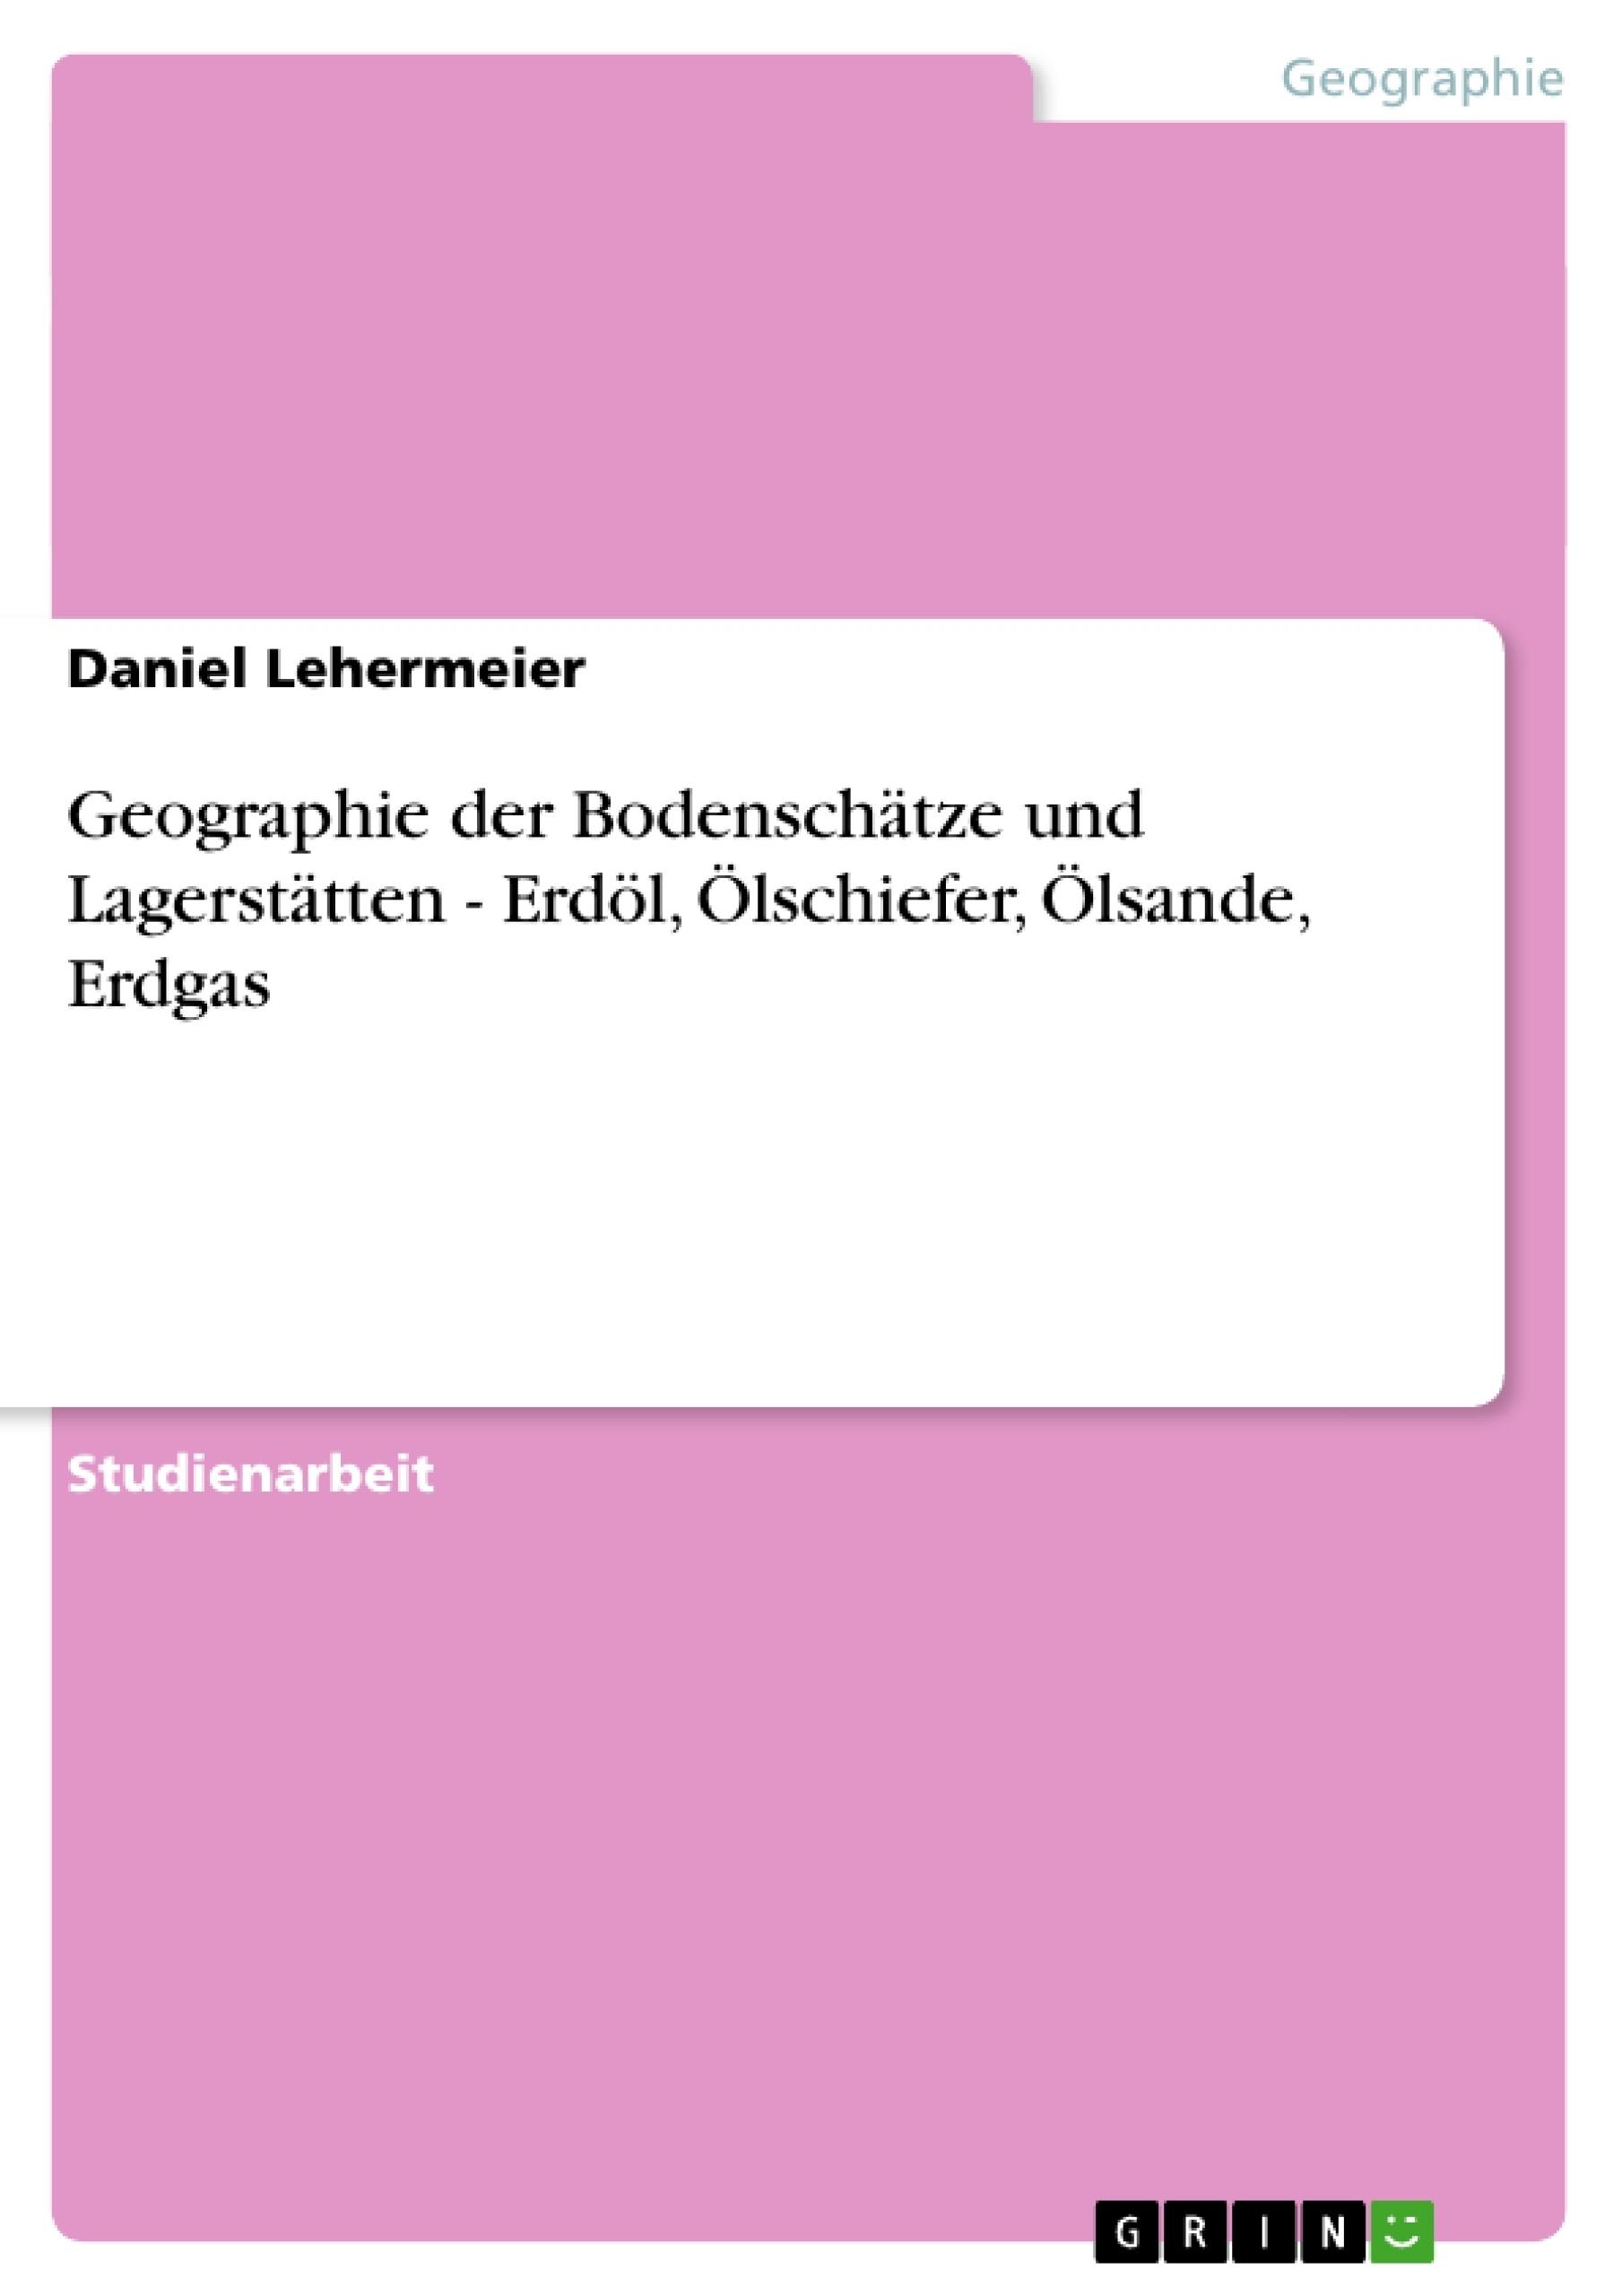 Titel: Geographie der Bodenschätze und Lagerstätten - Erdöl, Ölschiefer, Ölsande, Erdgas